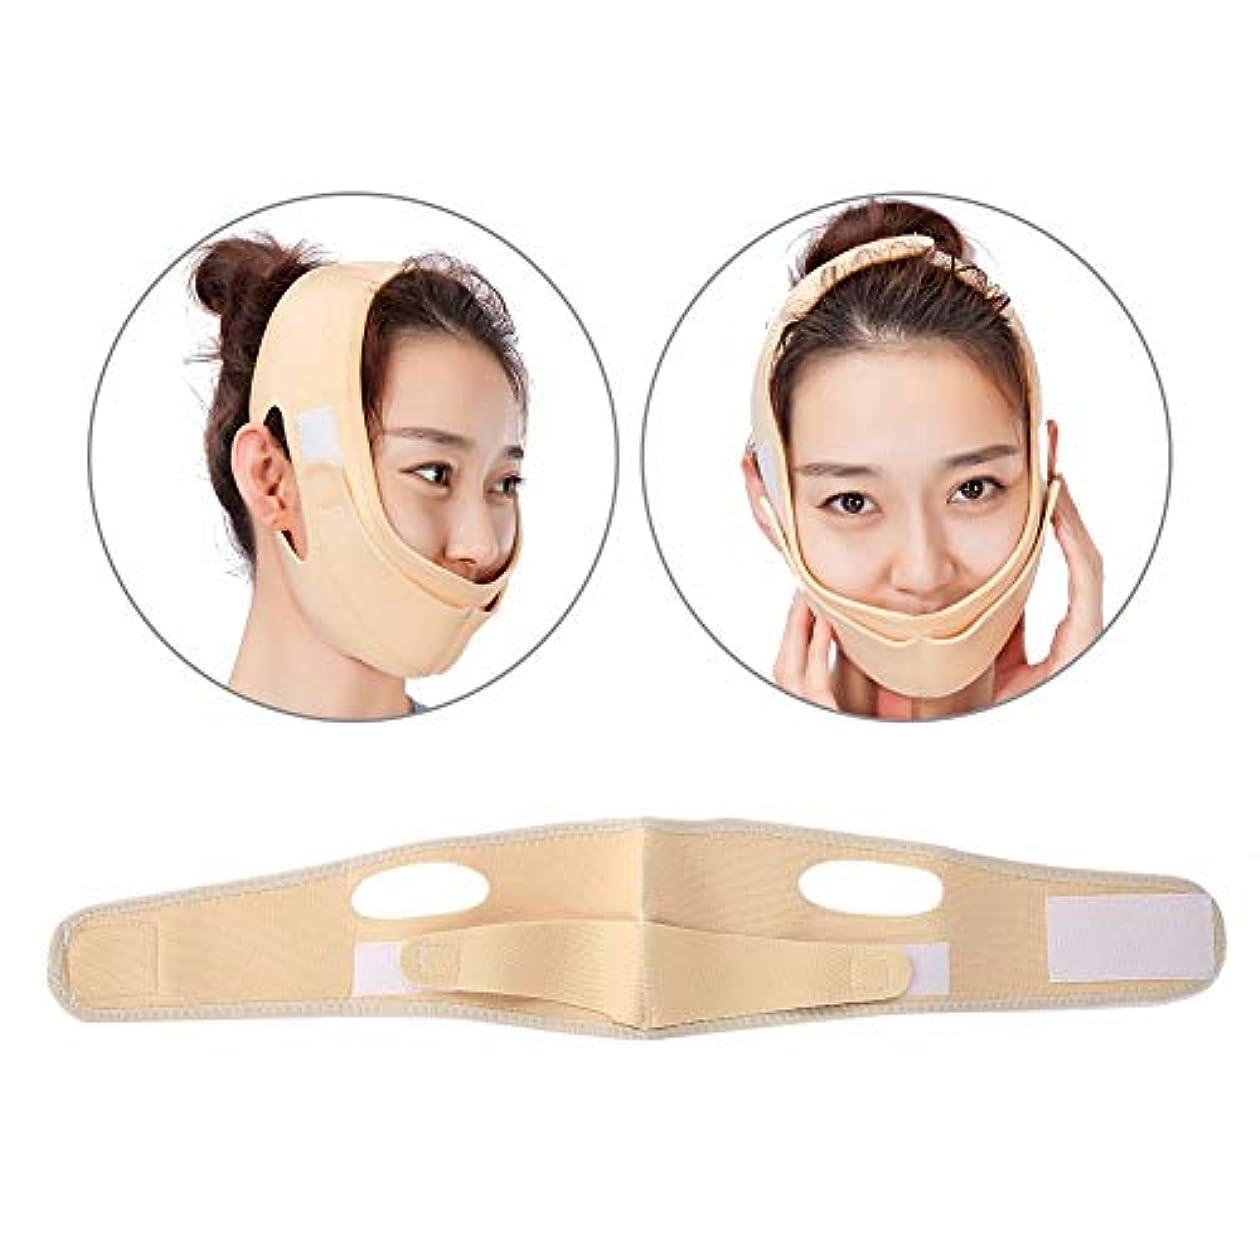 マイクロプロセッサ足音ポット2タイプフェイスリフティングマスク、ナチュラルVチーク舐め締めベルト、アンチリンクル引き締めスキンマスク、フェイスリフティング減量アンチダブルフェイシャル包帯(1#)